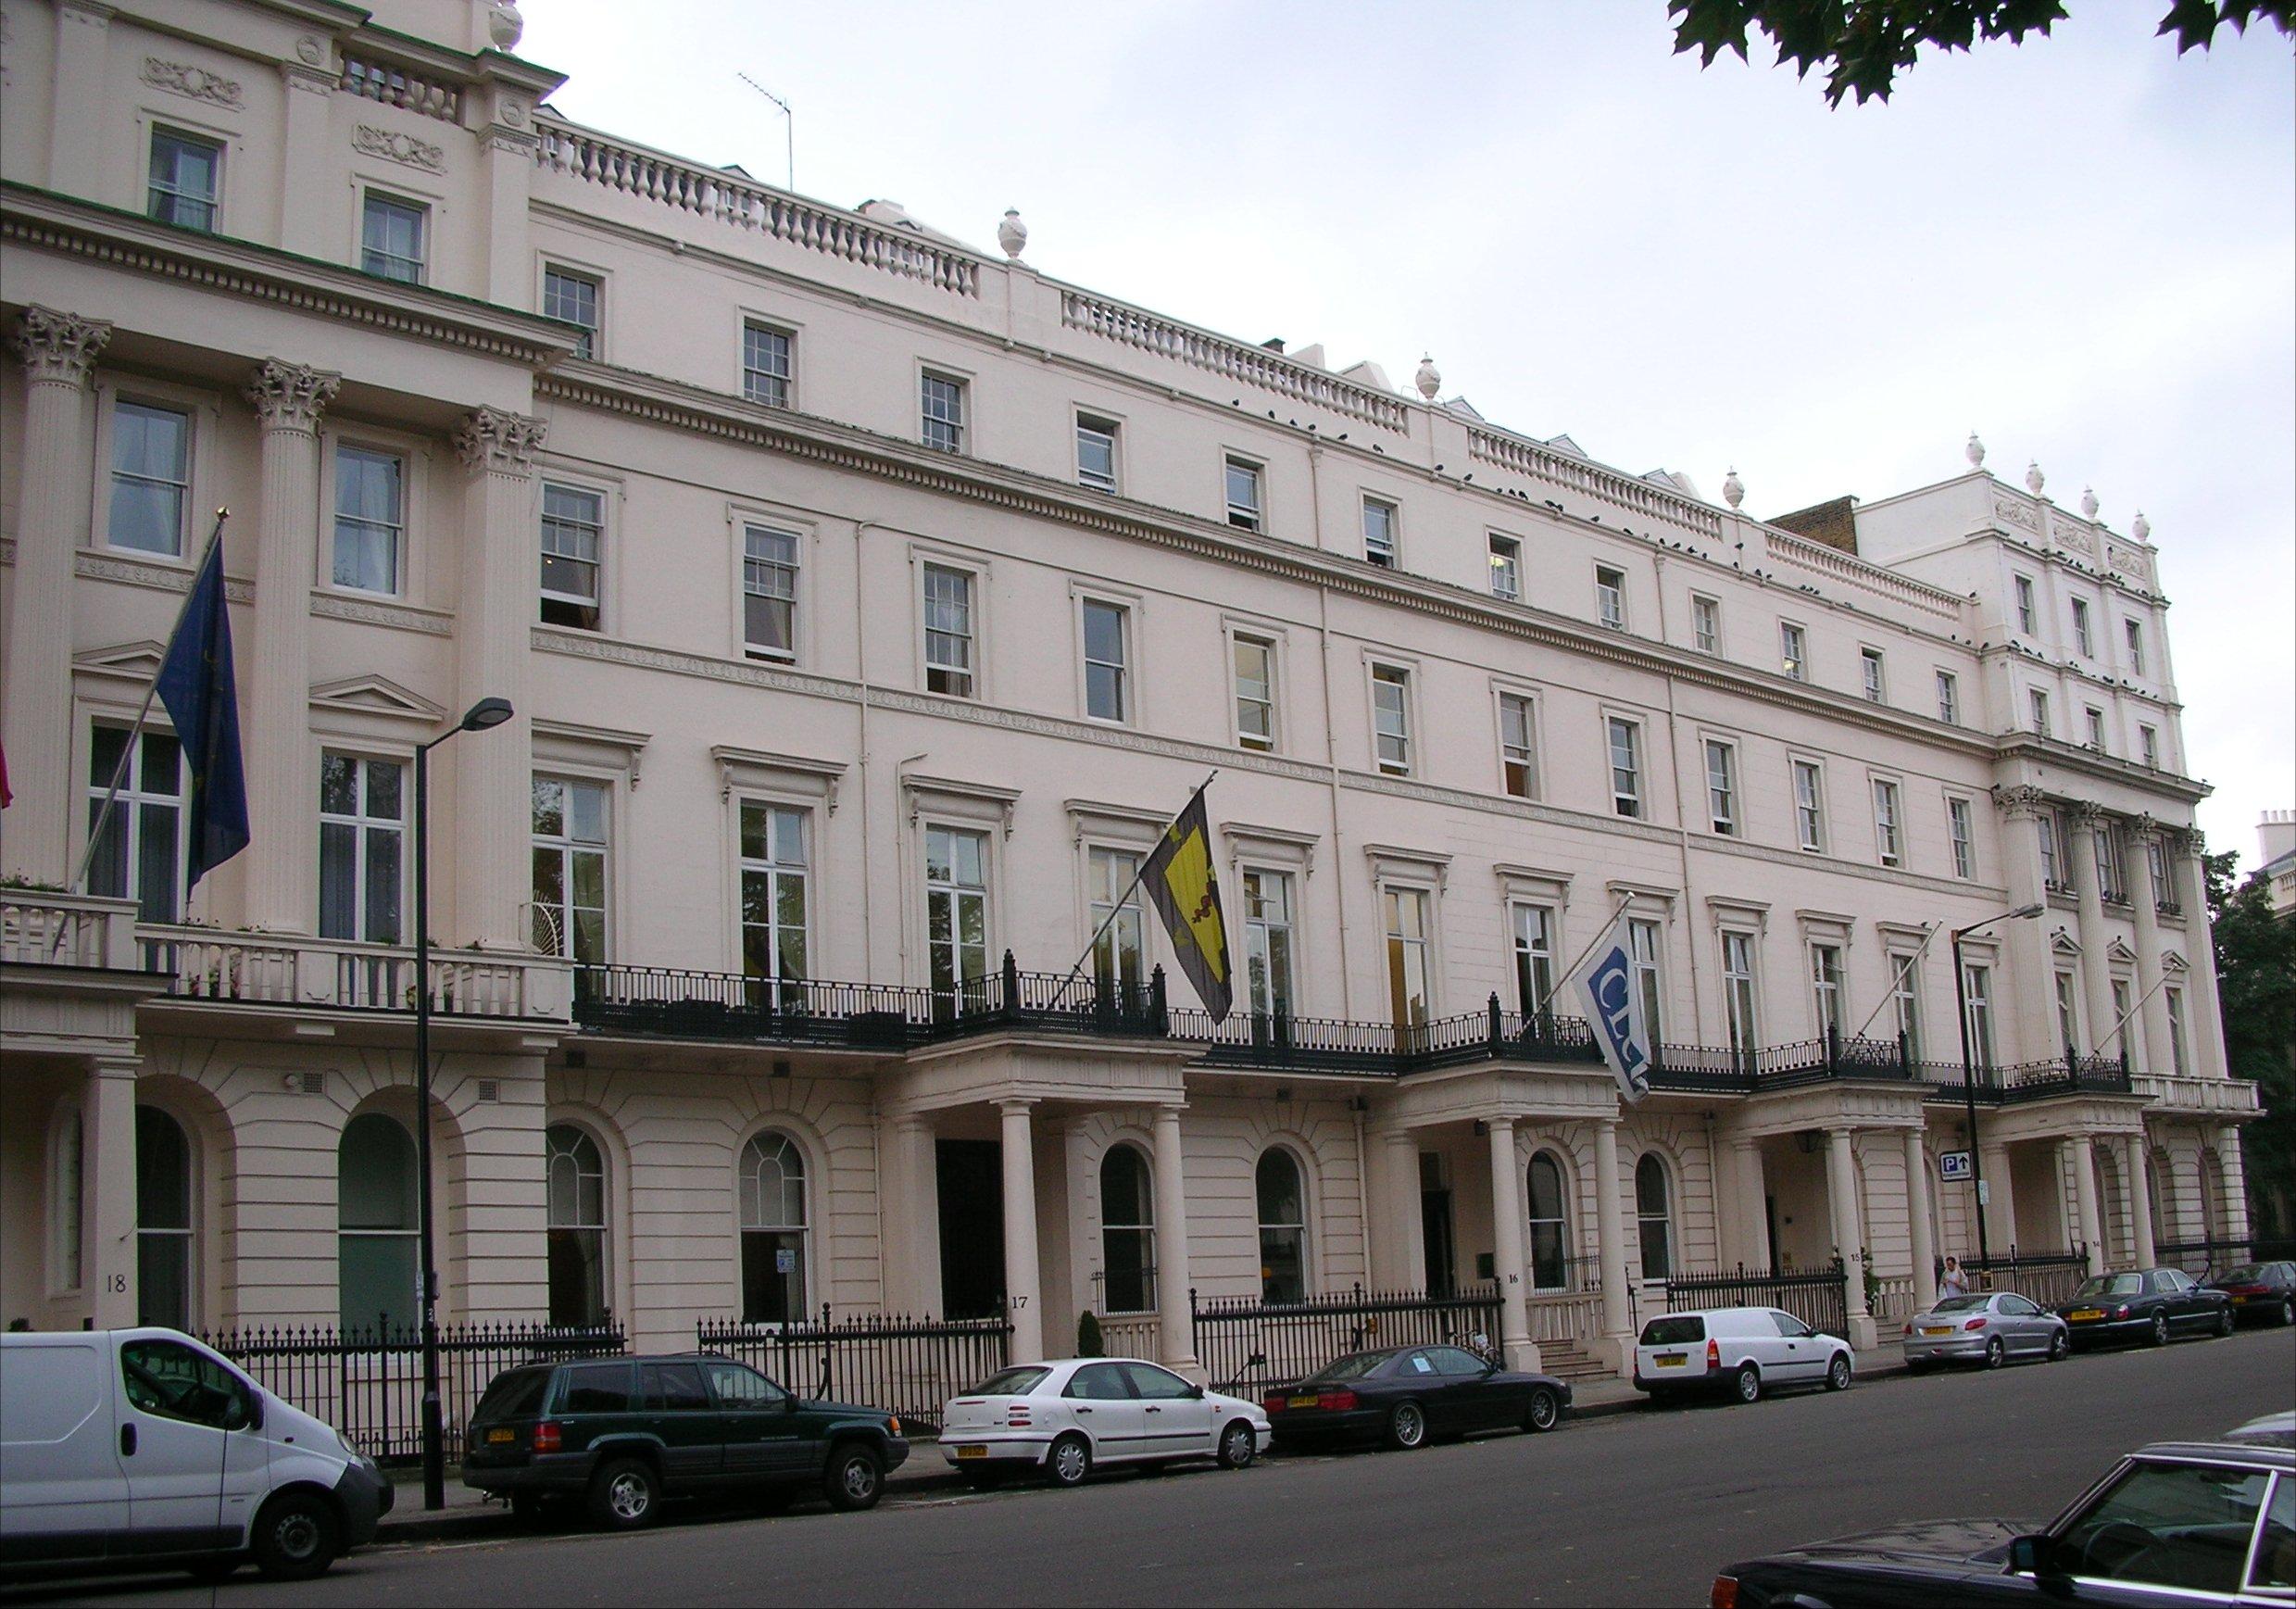 Հոգեբույժների Արքայական Քոլեջ, Լոնդոն, Անգլիա: Դեղին դրոշով շենքը: